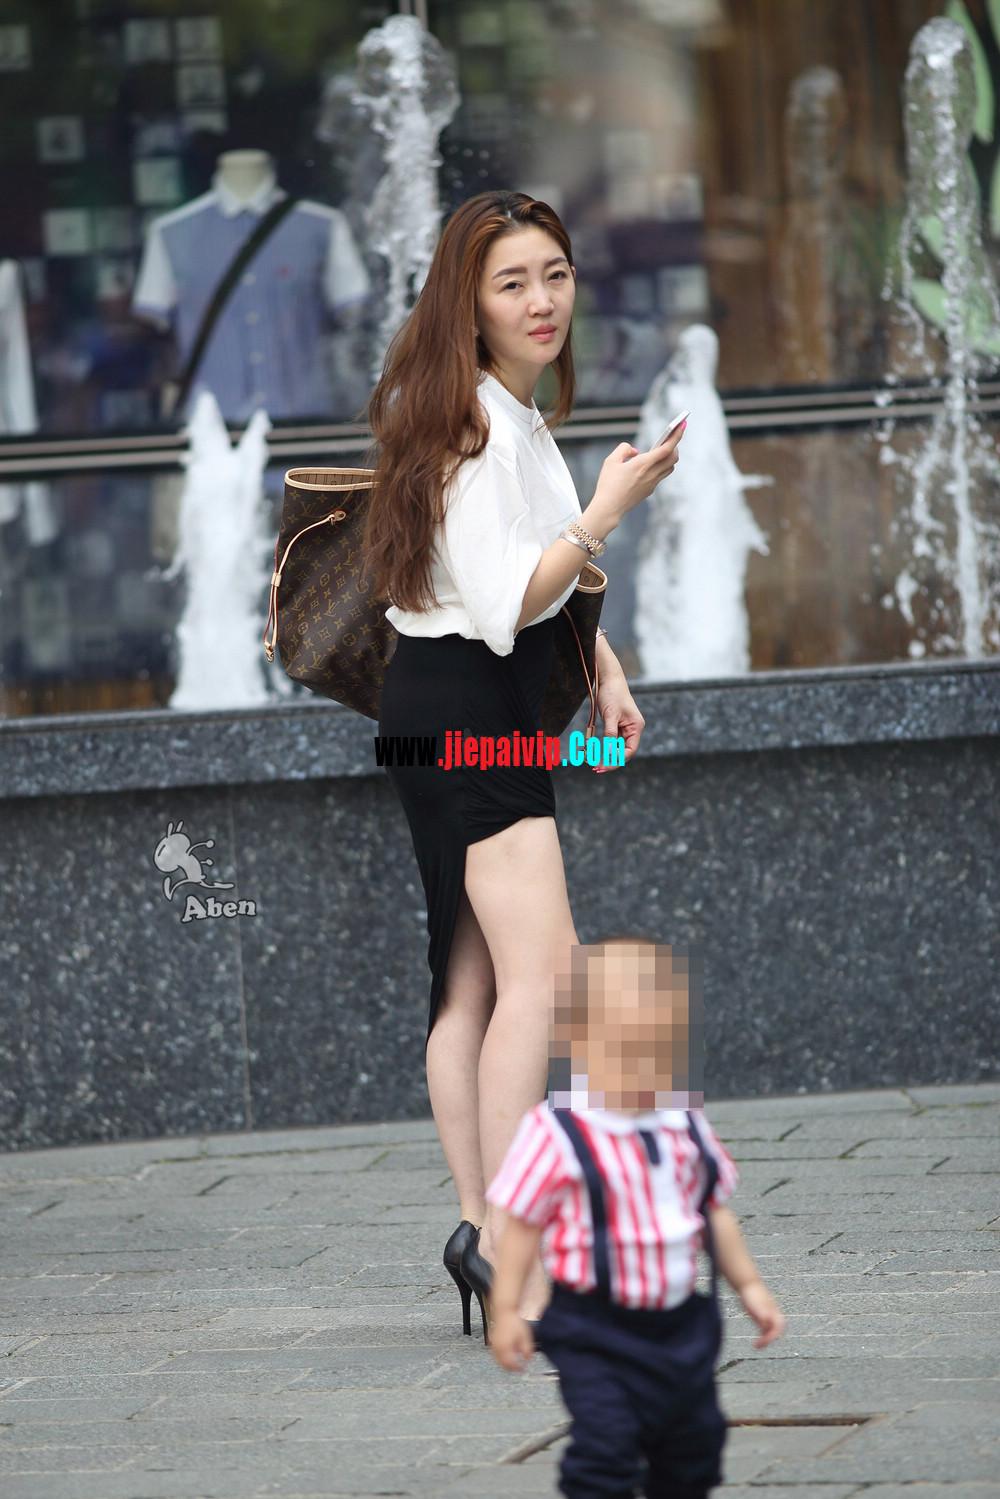 生了小孩的少妇最有魅力,美臀黑裙美腿高跟少妇14